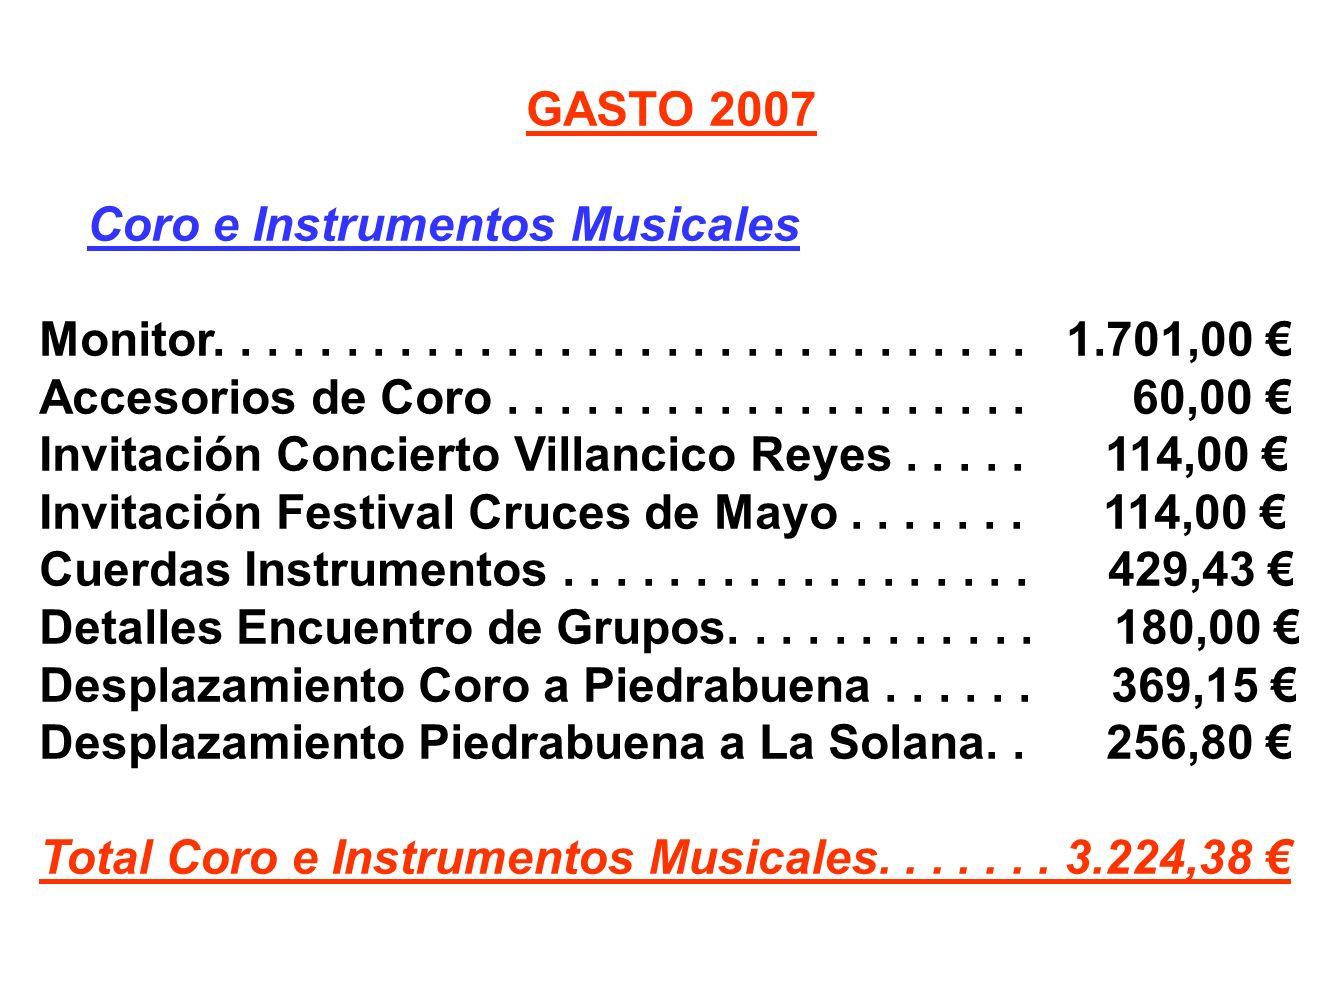 GASTOS GENERADOS POR LAS ACTIVIDADES REALIZADAS PRESUPUESTO 2007 Aportado por: Ayuntamiento de La Solana........... 1.600,00 Fundación La Caixa.......